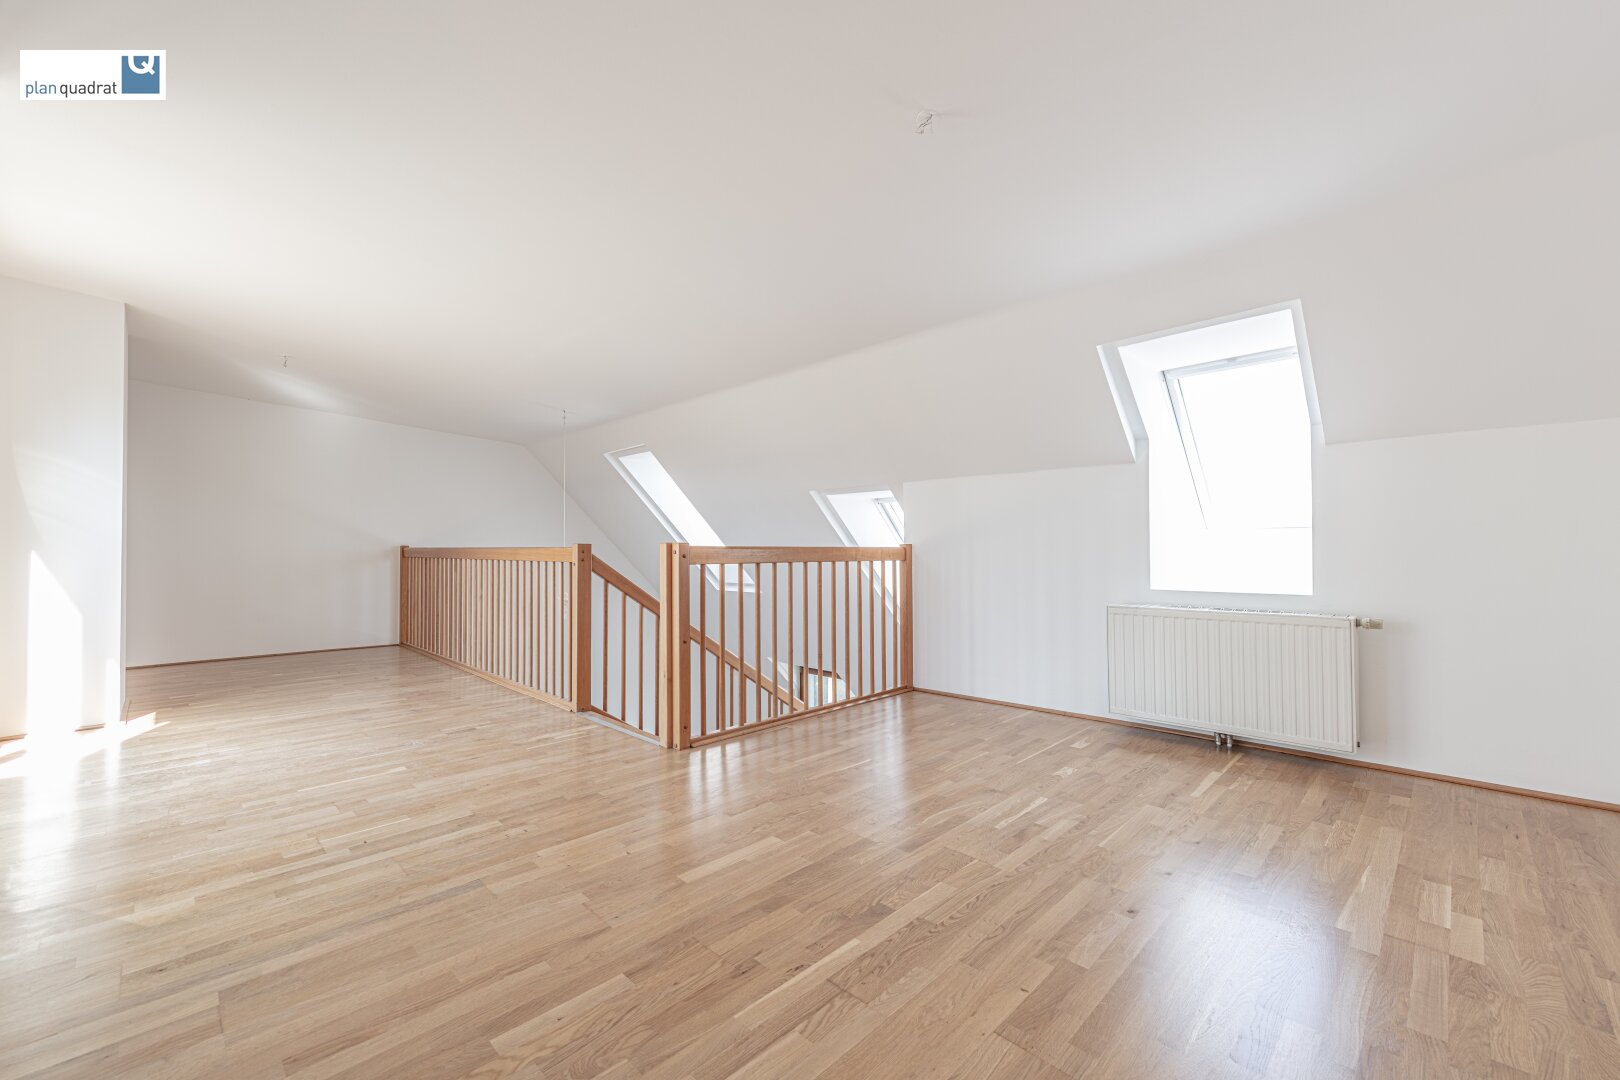 Galerie (ca. 28,40 m²)